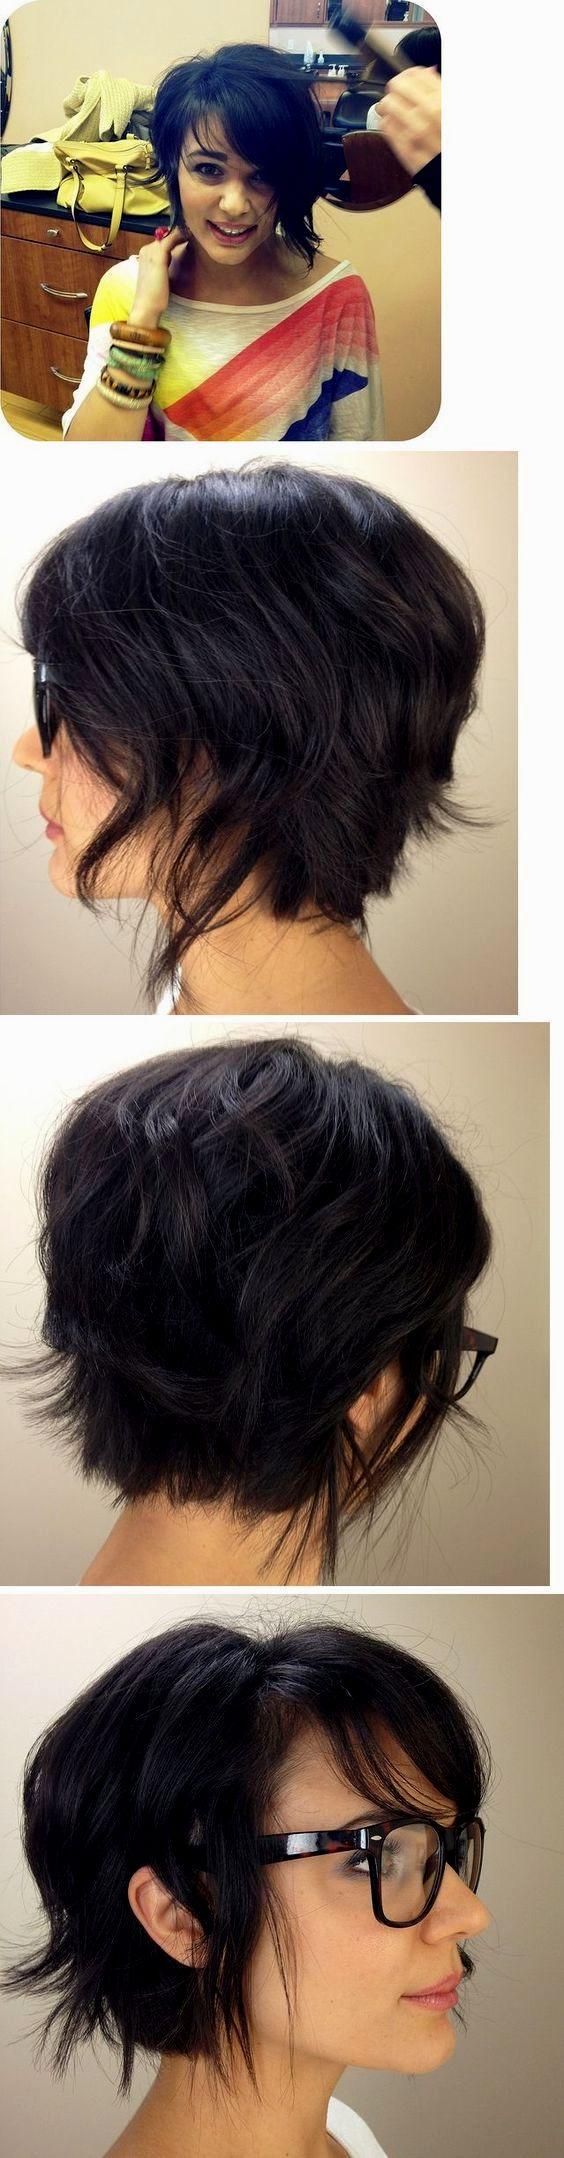 melhor corte de cabelo curto e moderno inspiração-New Corte De Cabelo Curto E Moderno Online